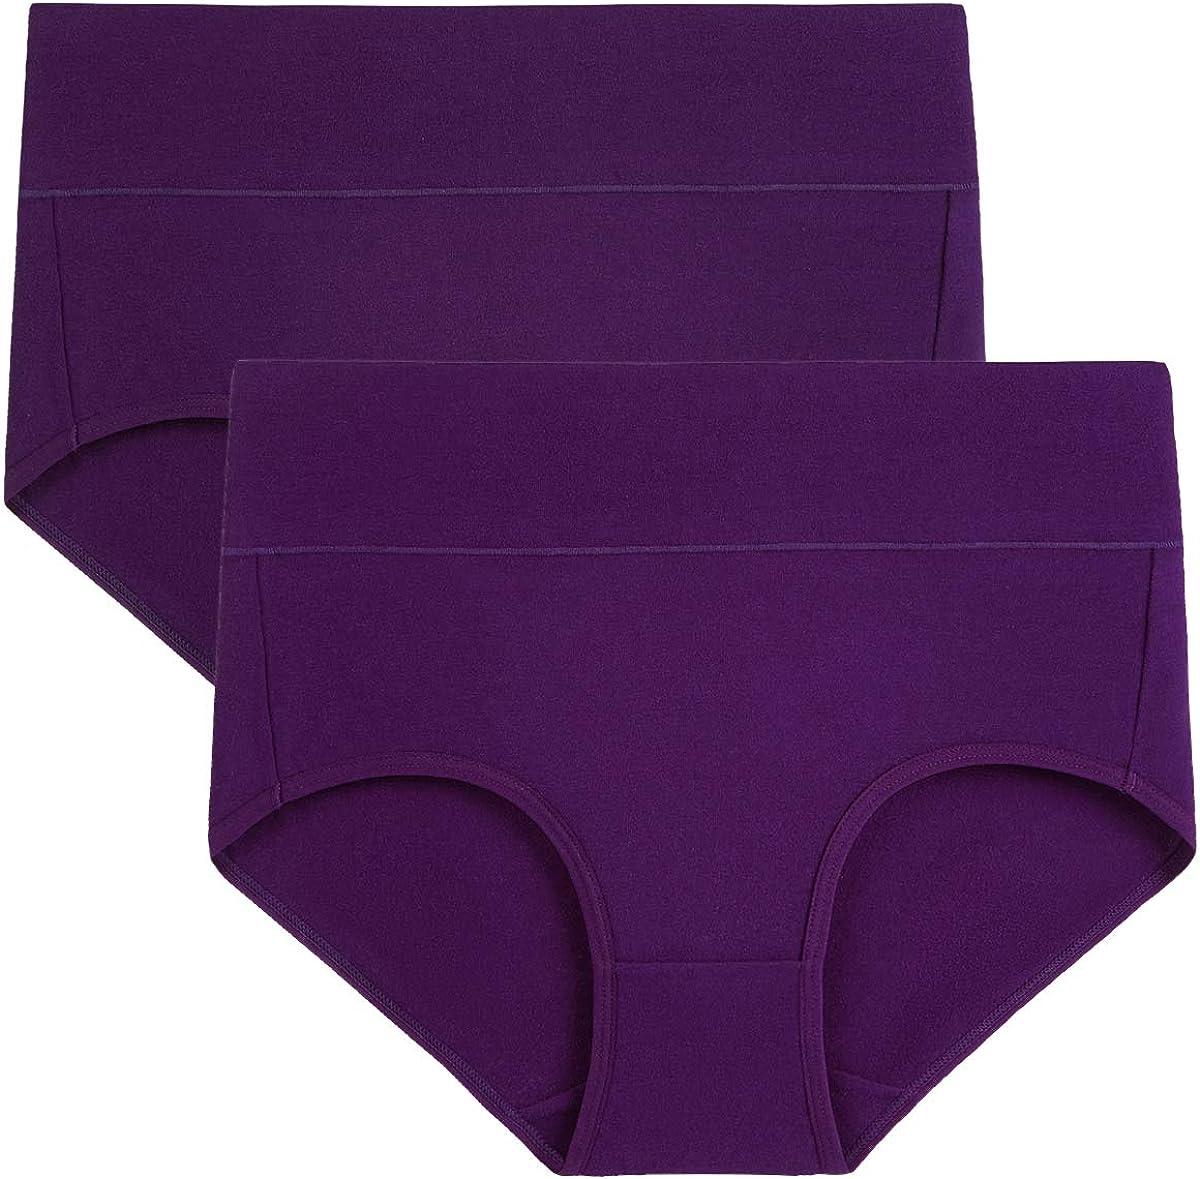 wirarpa Mutande Donna Culotte Vita Alta Slip Cotone Mutantina Elastiche Pantaloncini Post Parto Taglia 38-62